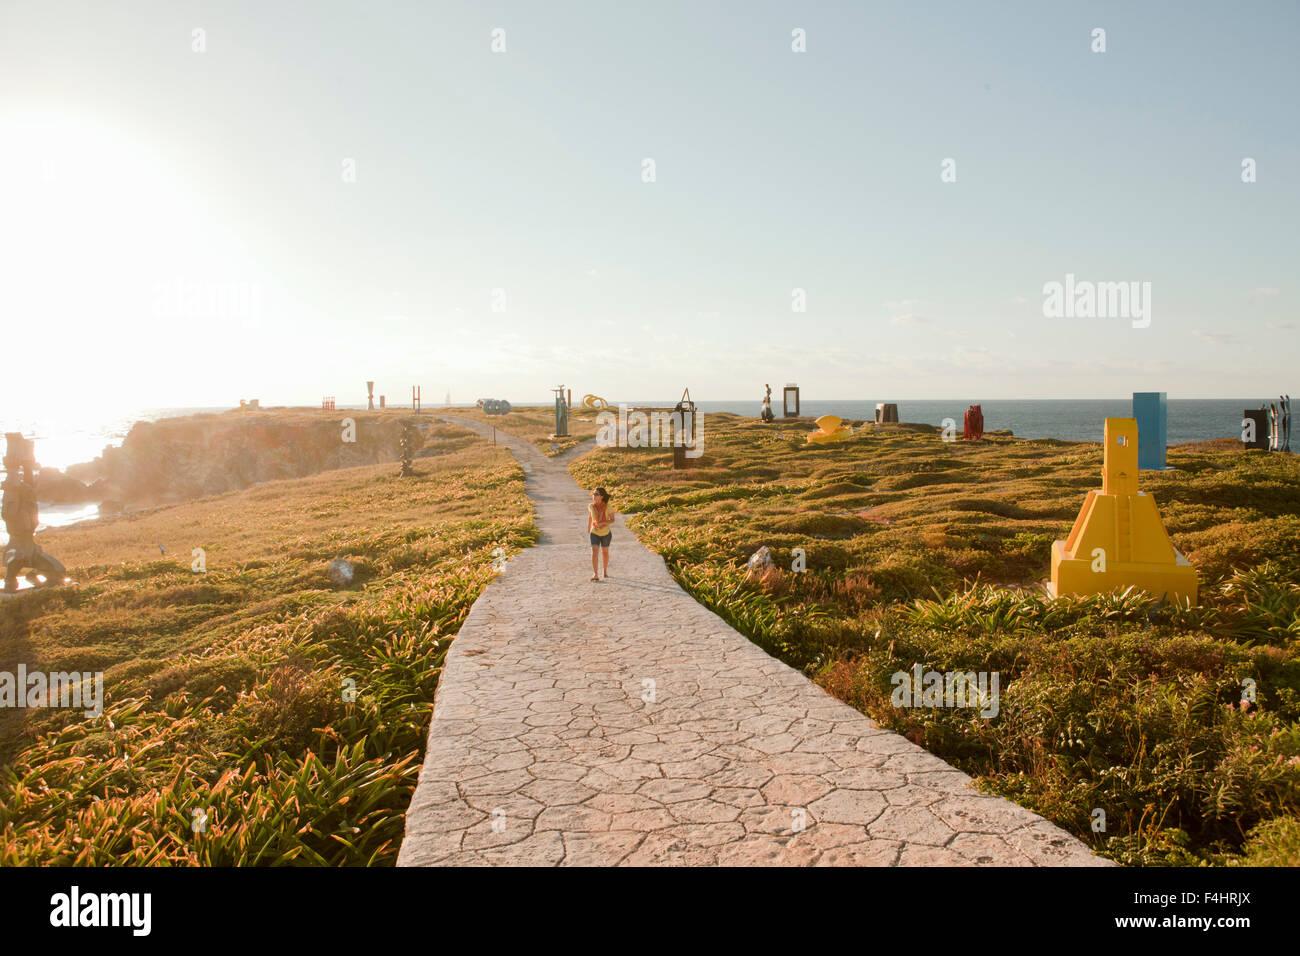 El parque de esculturas en el amanecer. Punta Sur, Isla Mujeres, Quintana Roo, México. Imagen De Stock